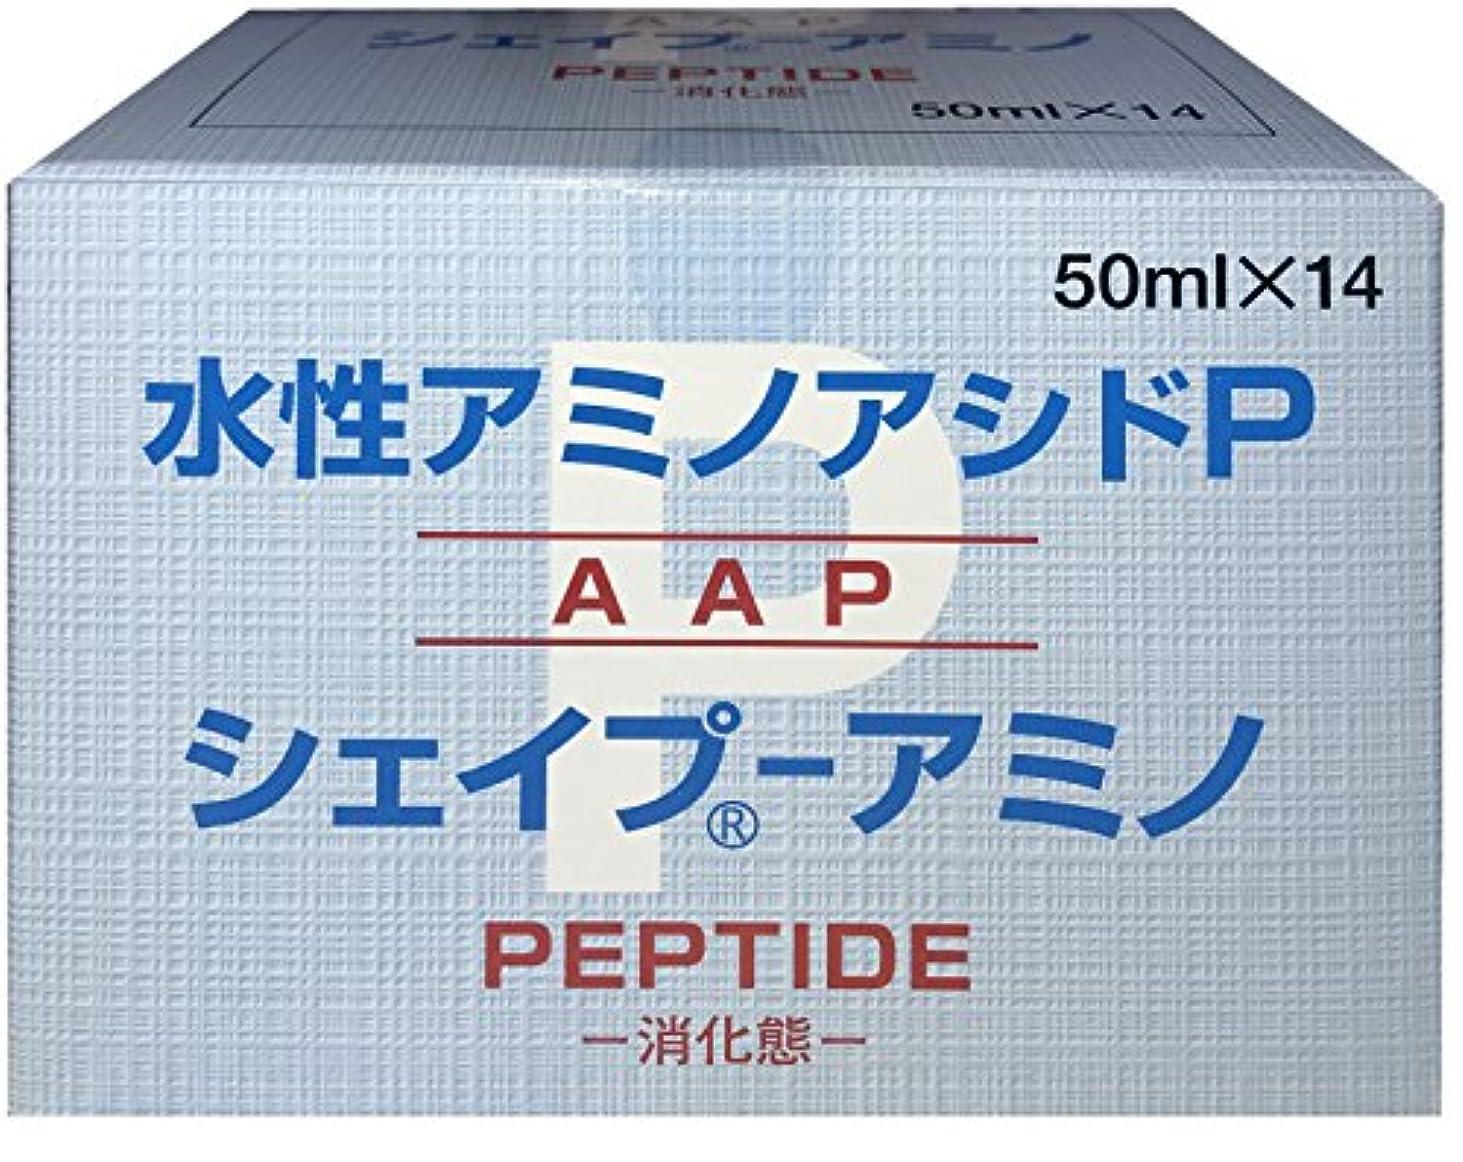 商品事実上法医学水性アミノアシドP シェイプ アミノ 50ml×14袋